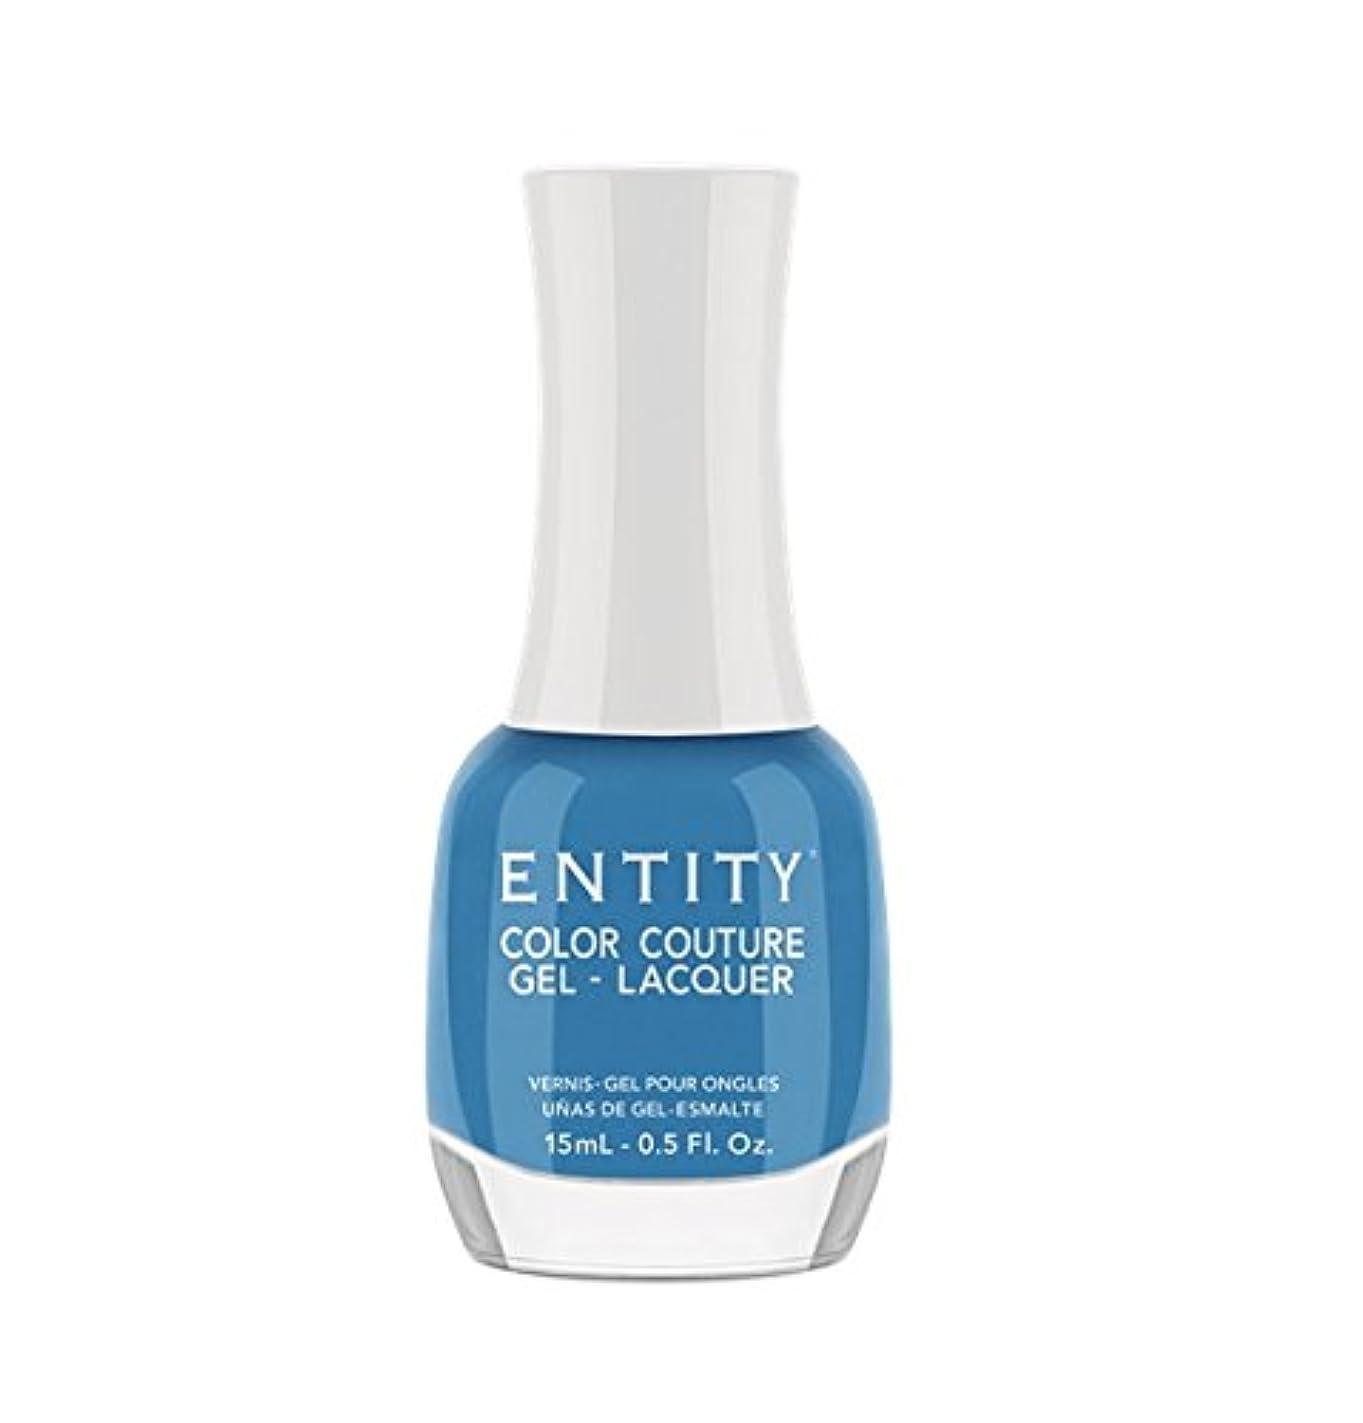 憎しみオリエンタル刑務所Entity Color Couture Gel-Lacquer - Flaunt Your Fashion - 15 ml/0.5 oz